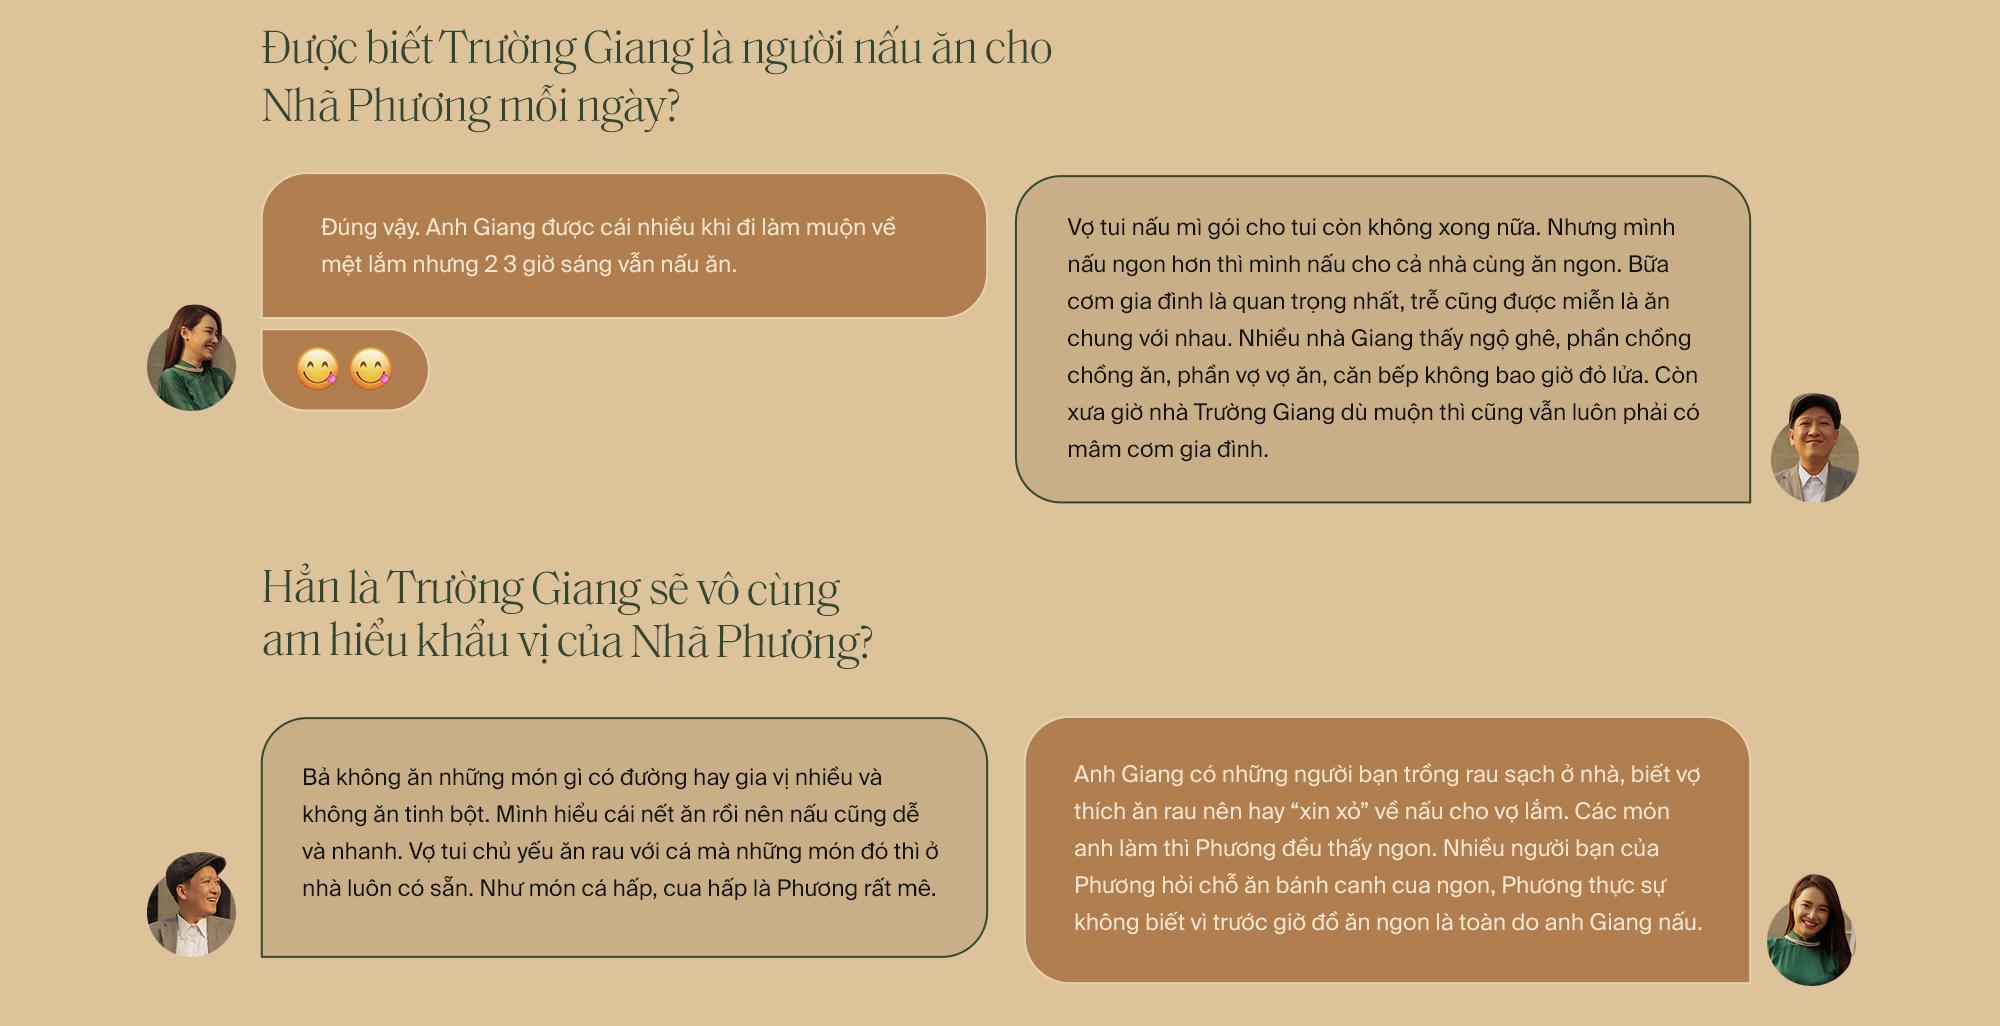 """Lần đầu tiên kể từ khi yêu nhau, Trường Giang - Nhã Phương cùng trả lời phỏng vấn: """"Vợ tui sướng nhất quận Phú Nhuận luôn"""" - Ảnh 11."""